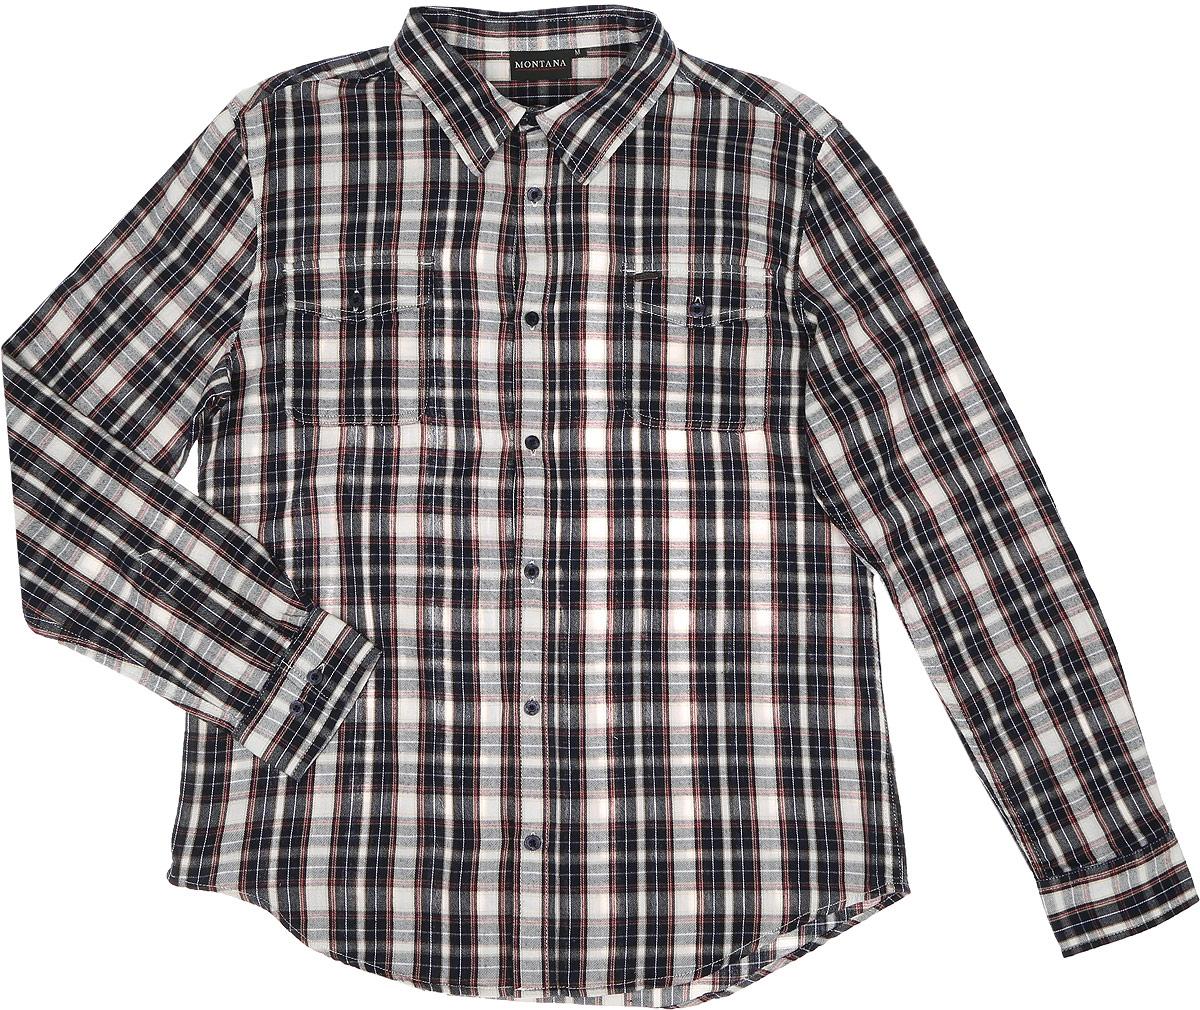 Рубашка мужская Montana, цвет: темно-синий, белый, бордовый. 11058. Размер M (48/50)11058_CHECKСтильная мужская рубашка Montana, выполненная из натурального хлопка, позволяет коже дышать, тем самым обеспечивая наибольший комфорт при носке. Модель классического кроя с отложным воротником и длинными рукавами застегивается на пуговицы по всей длине. Манжеты рукавов дополнены застежками-пуговицами. Модель дополнена на груди двумя накладными карманами с клапанами на пуговицах.